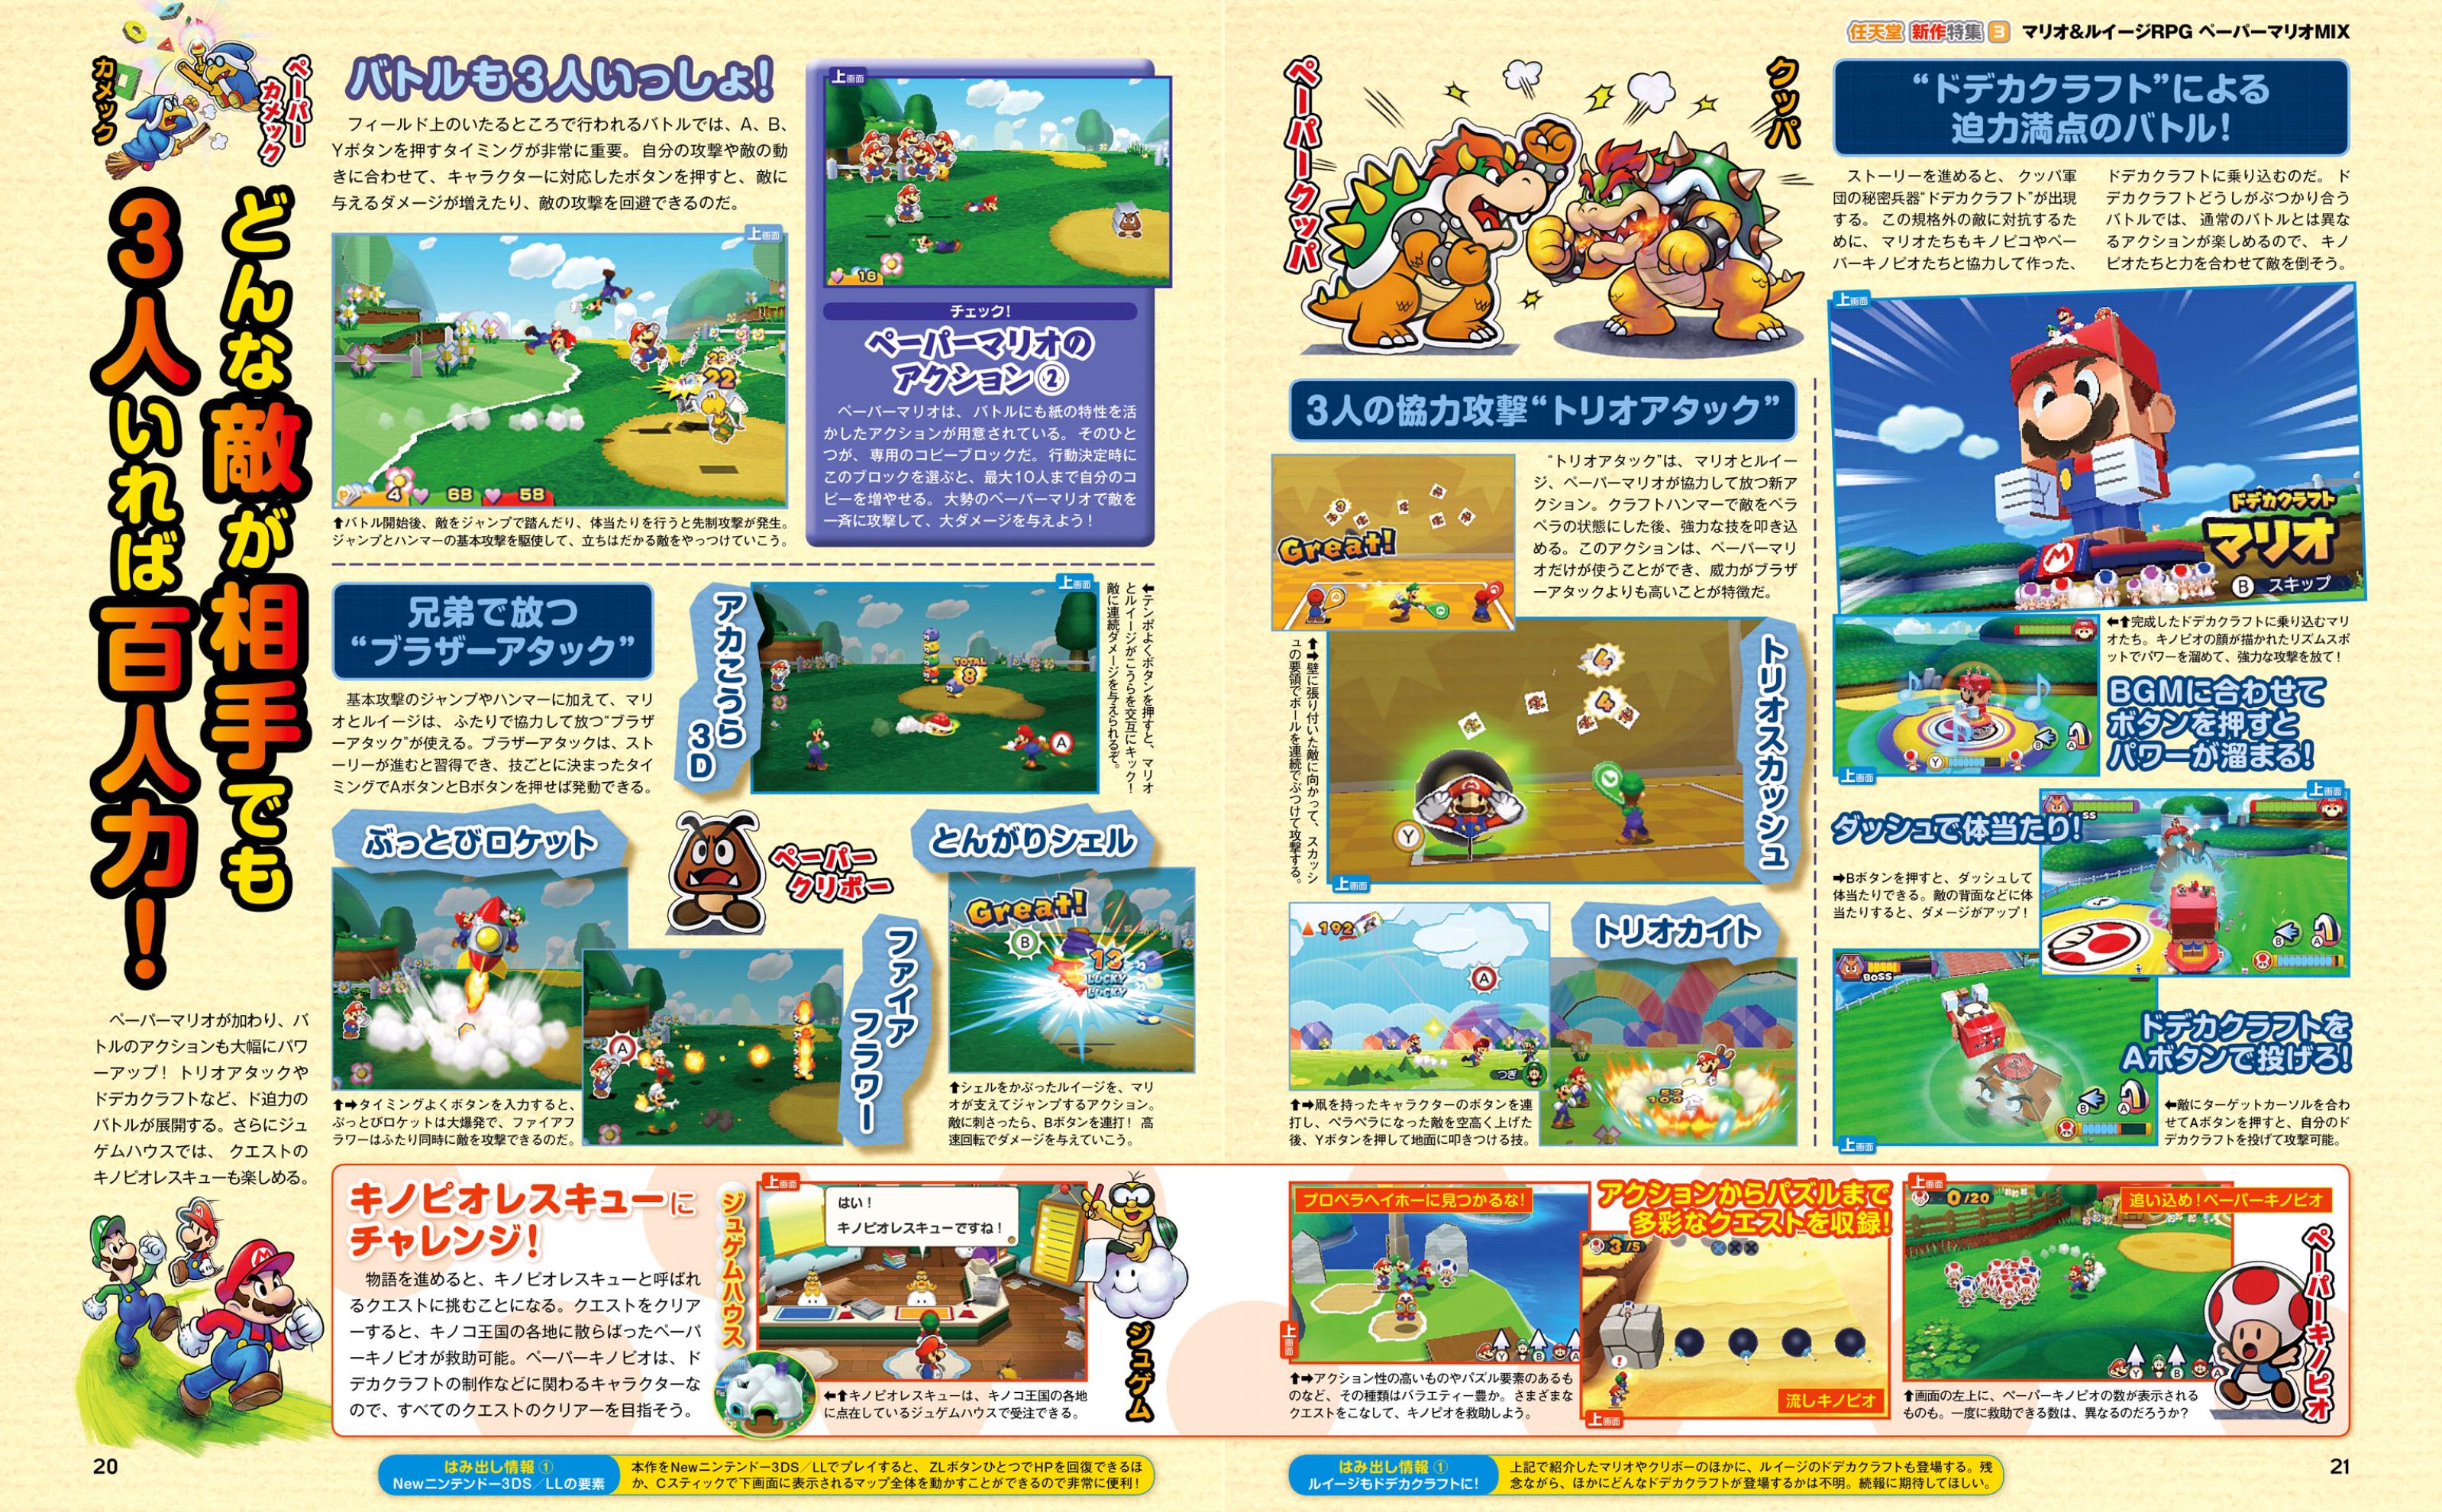 New Scans For Mario Luigi Paper Jam Reveal New Details Mario